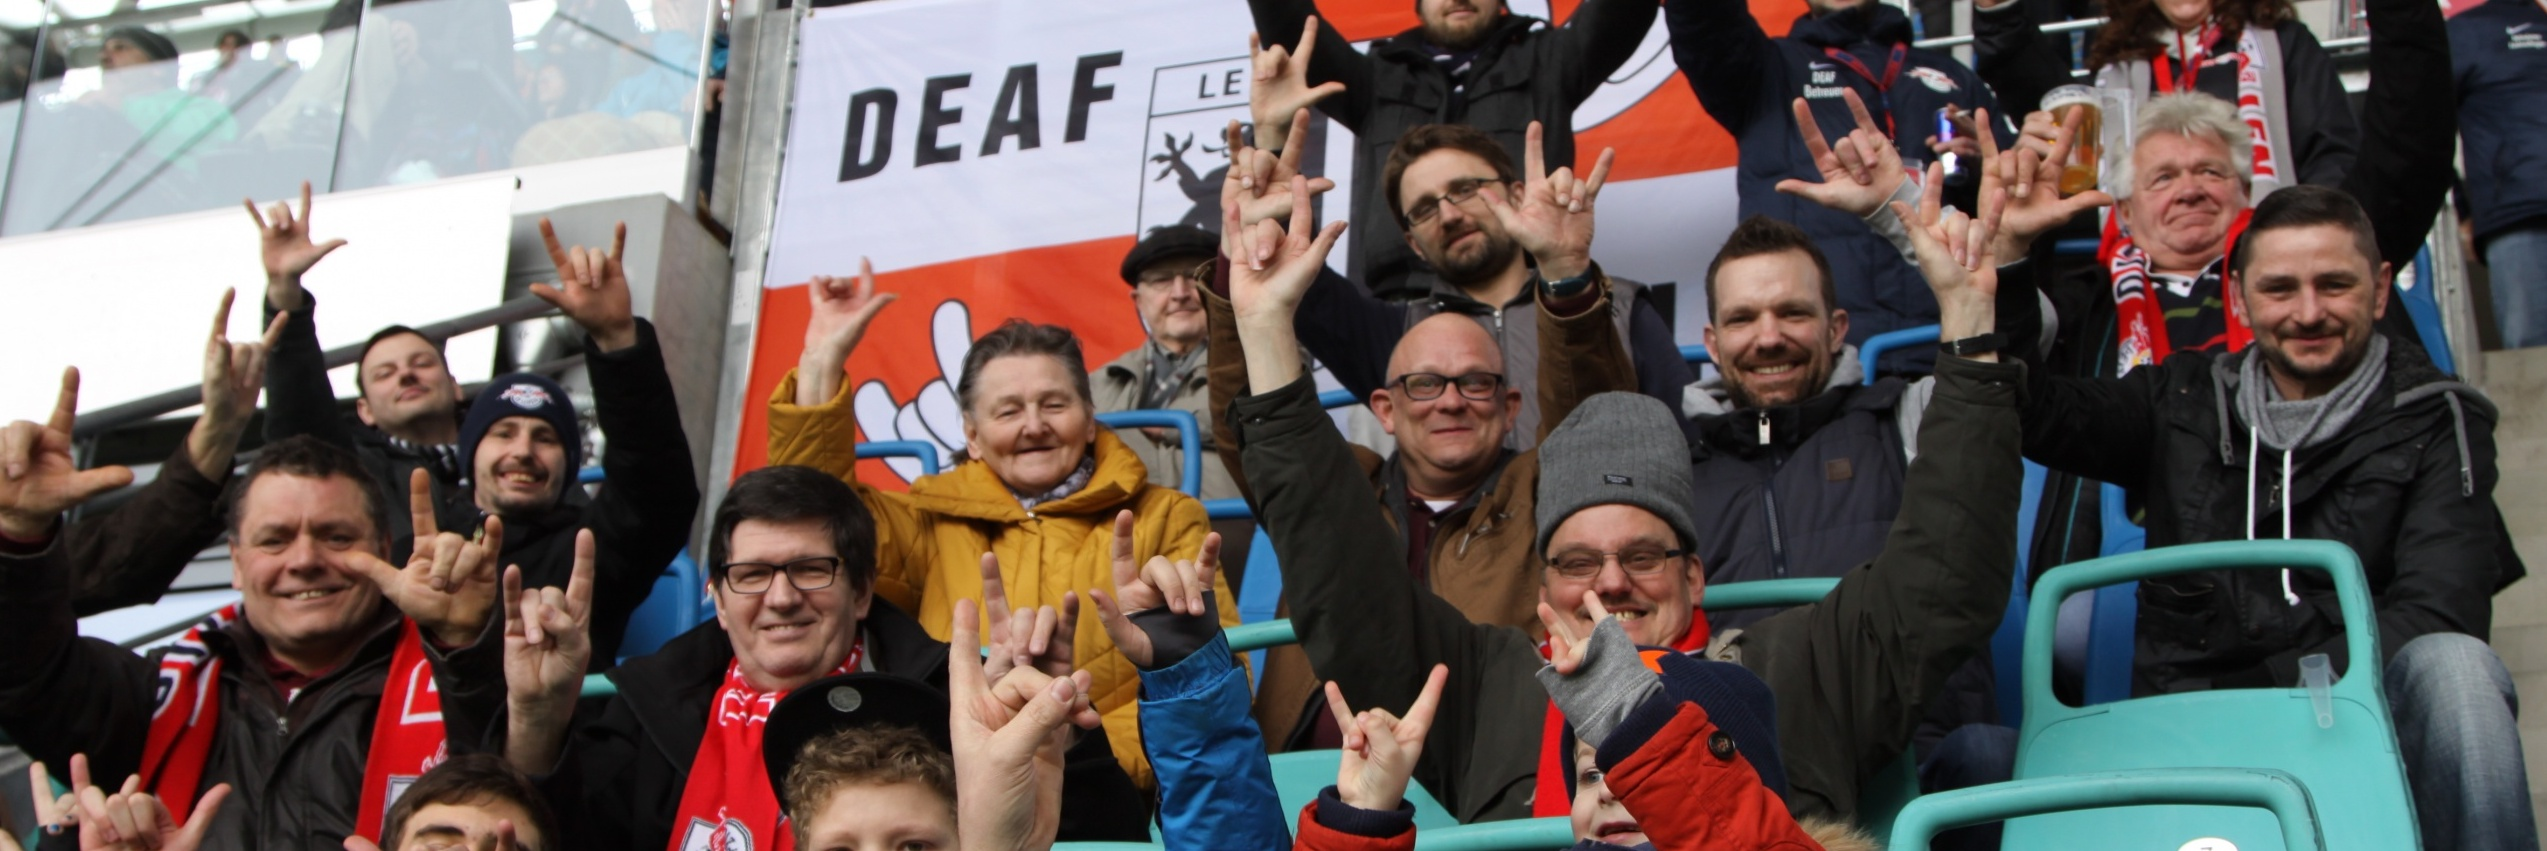 DEAF Fanclub RB Leipzig Fans auf der Tribüne